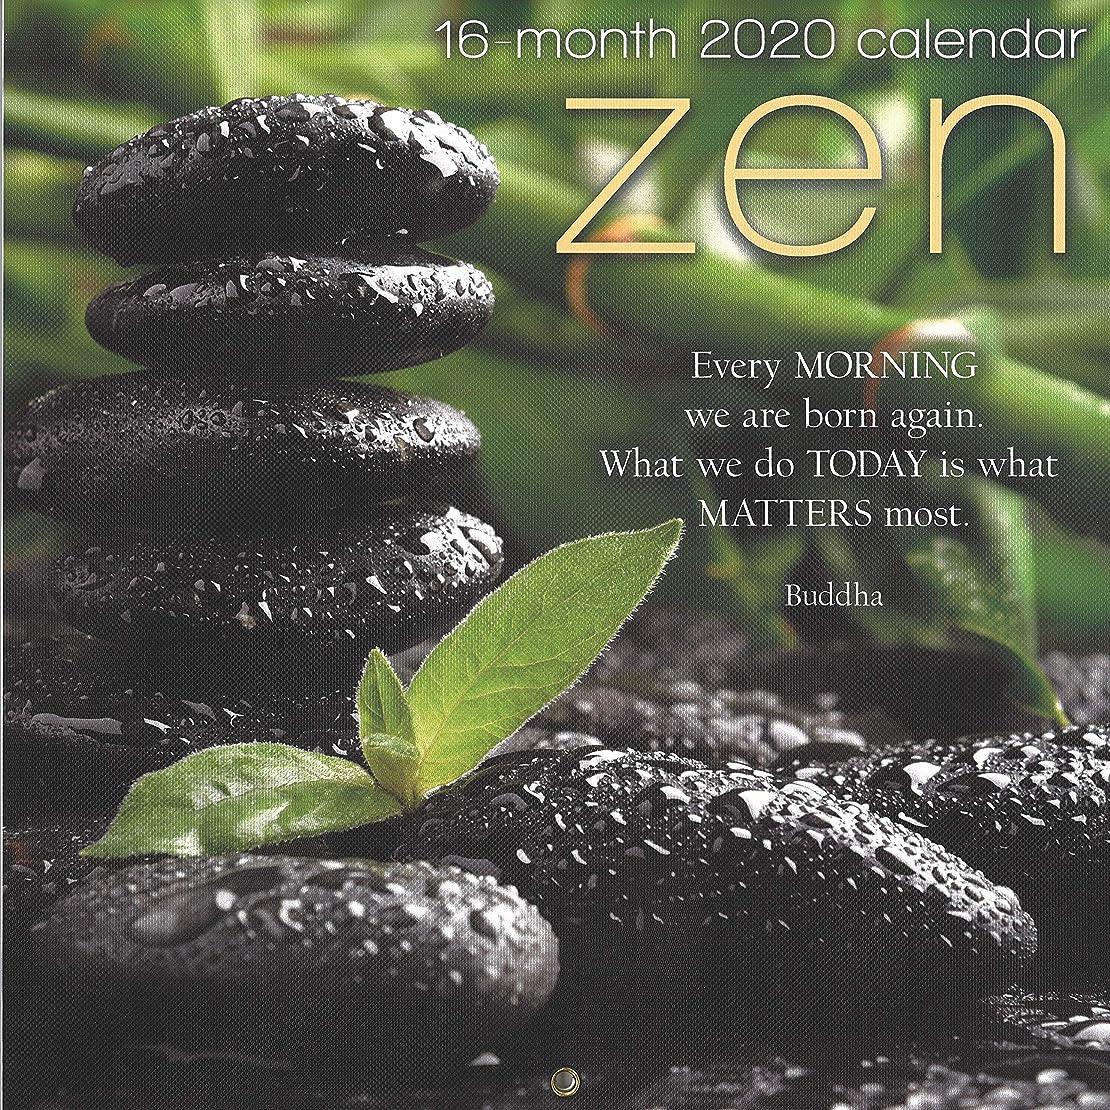 是正側お風呂Zen 2020 プレミアム 16ヶ月 壁掛けカレンダー リネンエンボス加工厚紙に印刷